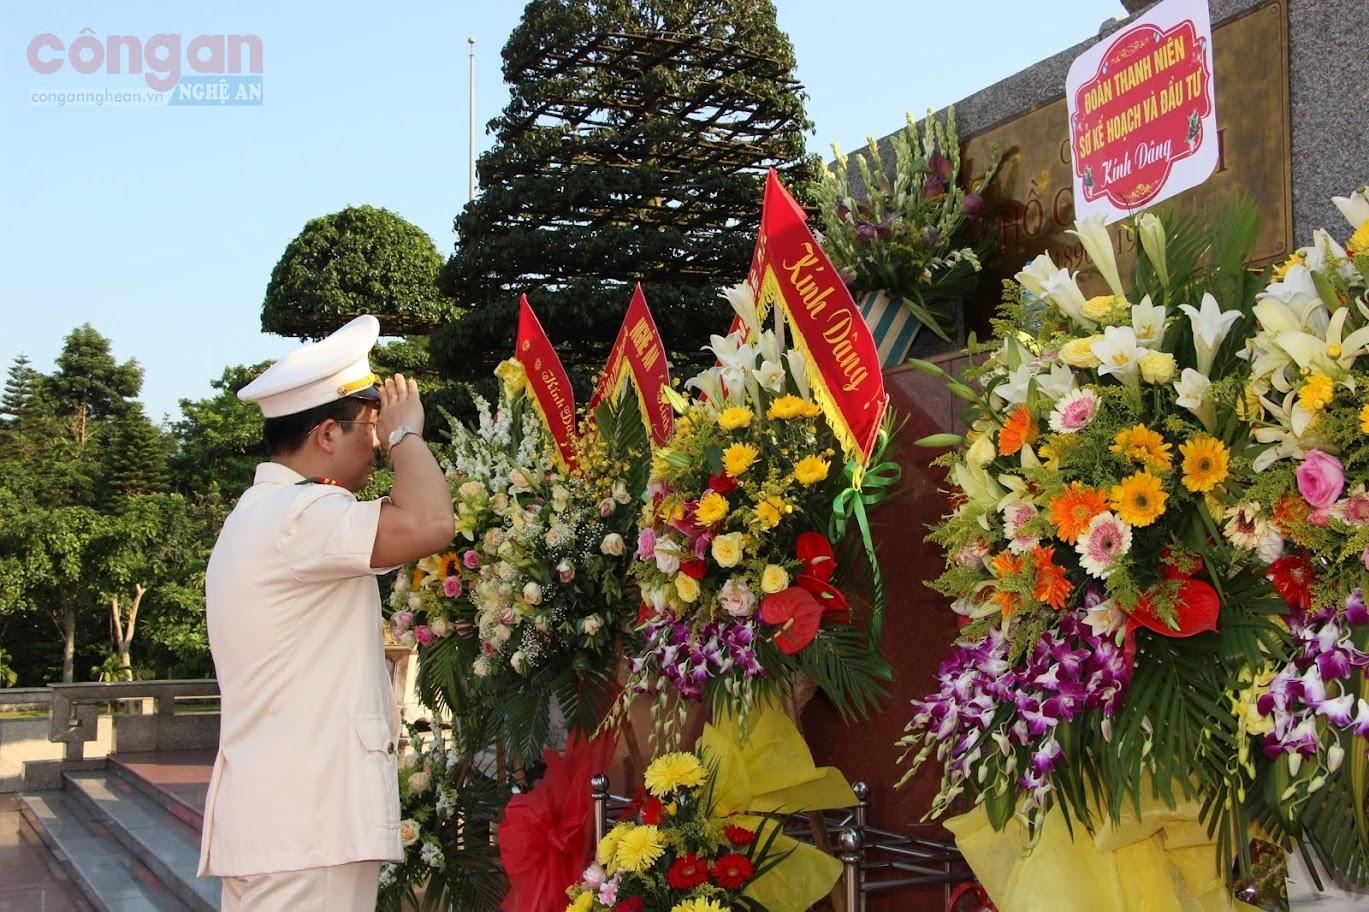 Đồng chí Thượng tá Nguyễn Xuân Thư – Trưởng phòng, thay mặt lãnh, Ban biên tập Báo Công an Nghệ An dâng hoa, báo công với Bác